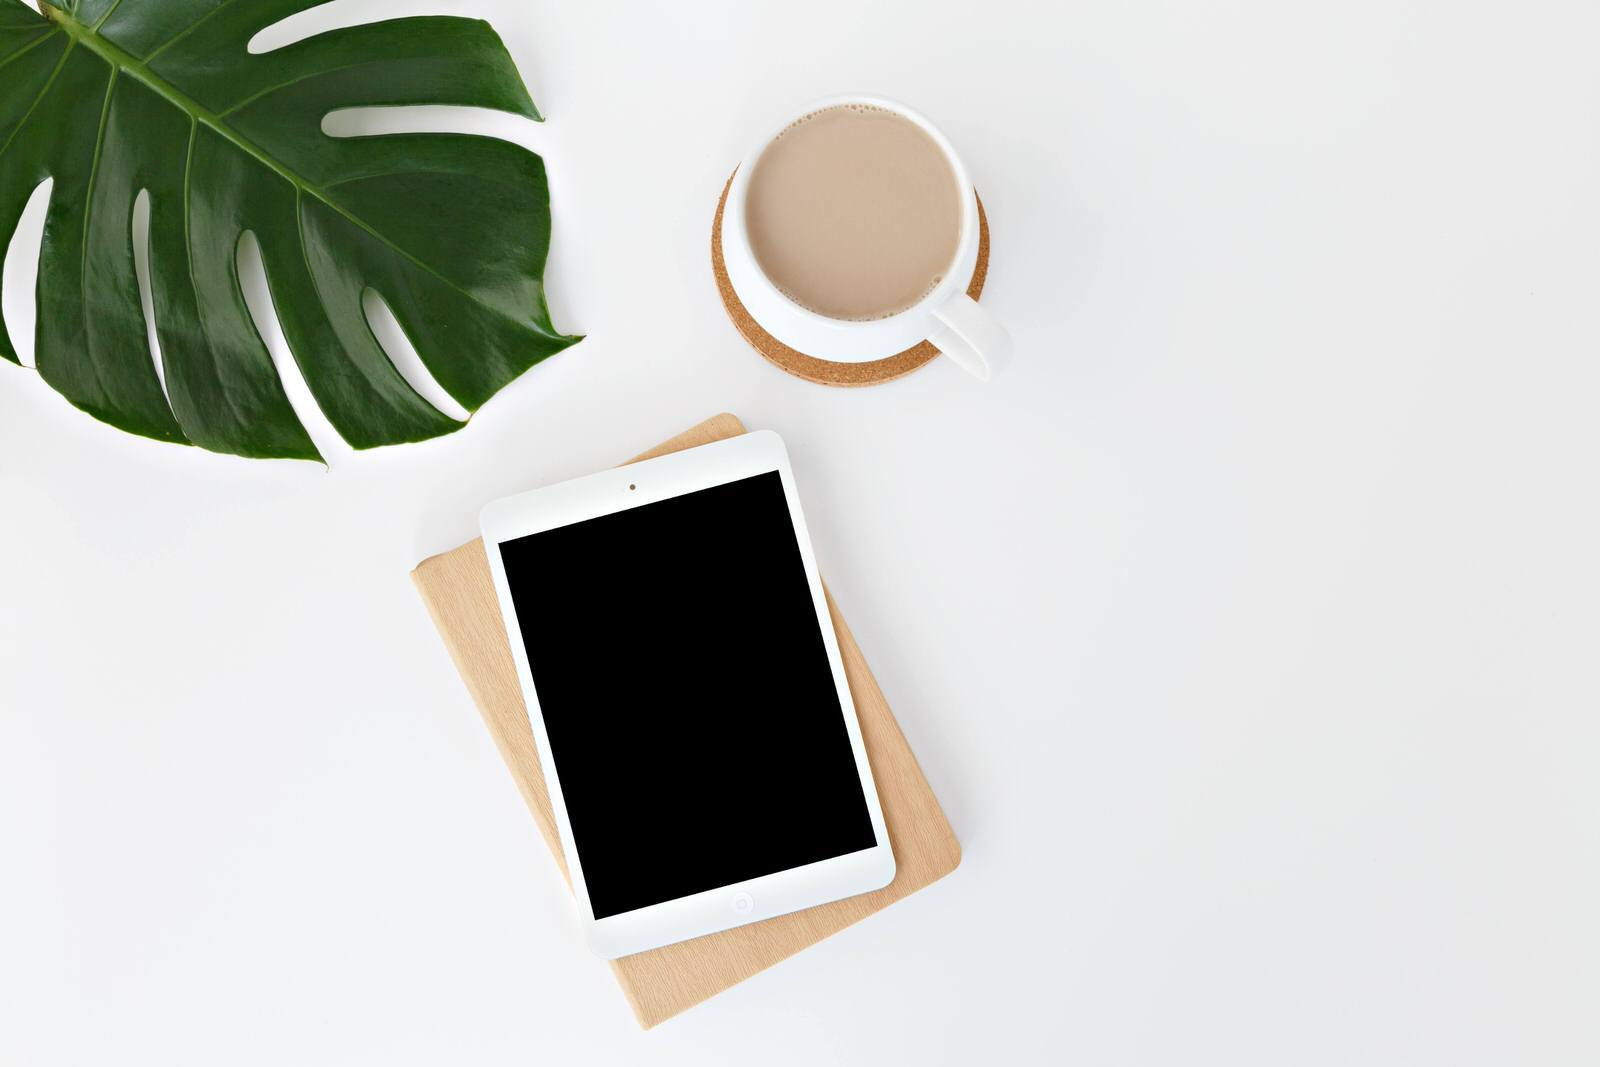 Напиши свой бизнес-проект и выграй Ipad 2 или смартфон! - UniverPL